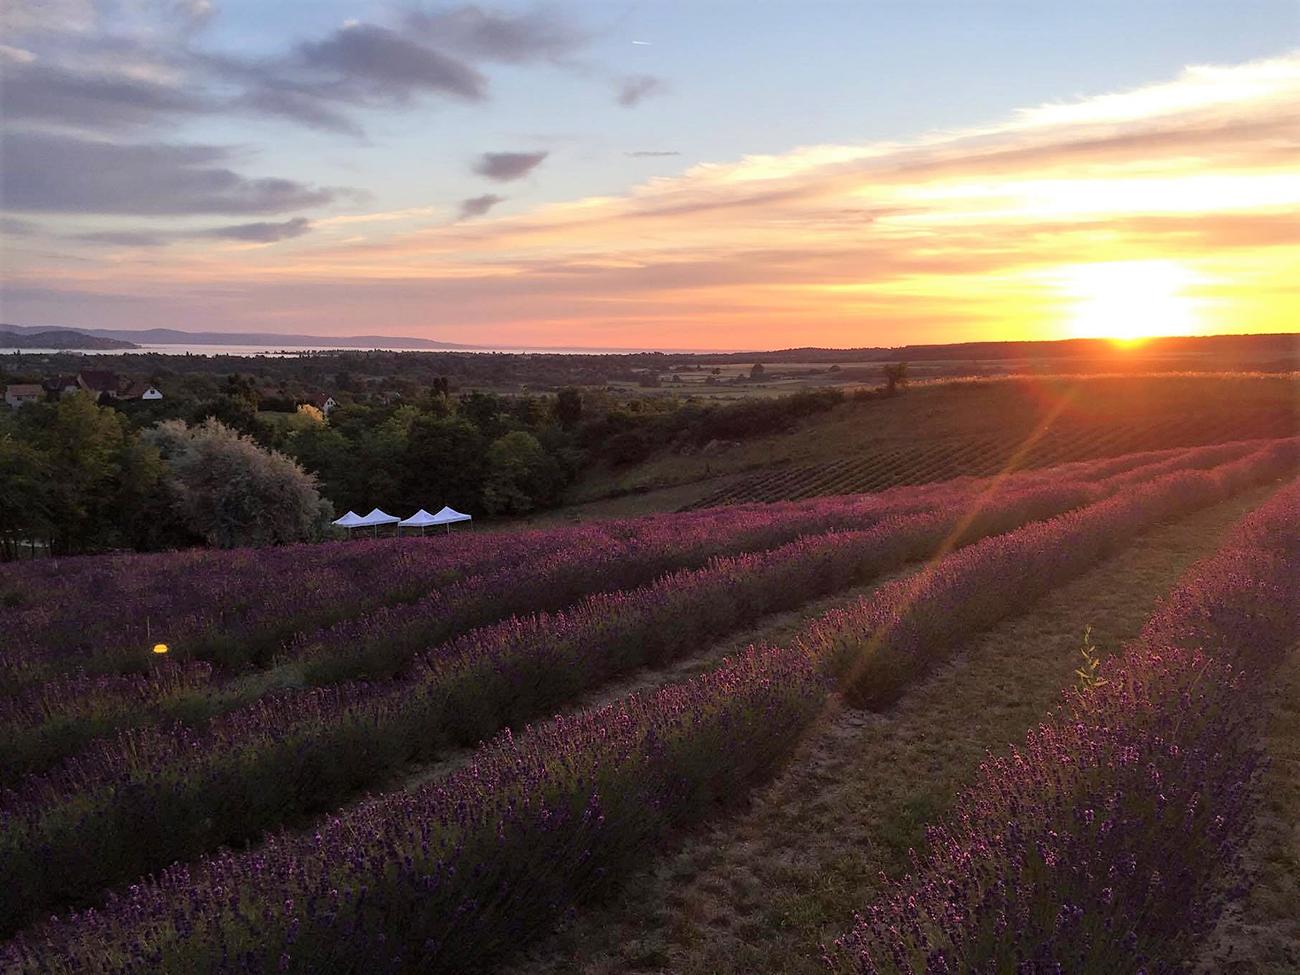 Esküvői helyszín a Balatonnál, Provence-i hangulatú esküvői helyszín a Balatonnál – A Kőröshegyi Levendulás 2021-től tárt karokkal várja a házasulandókat